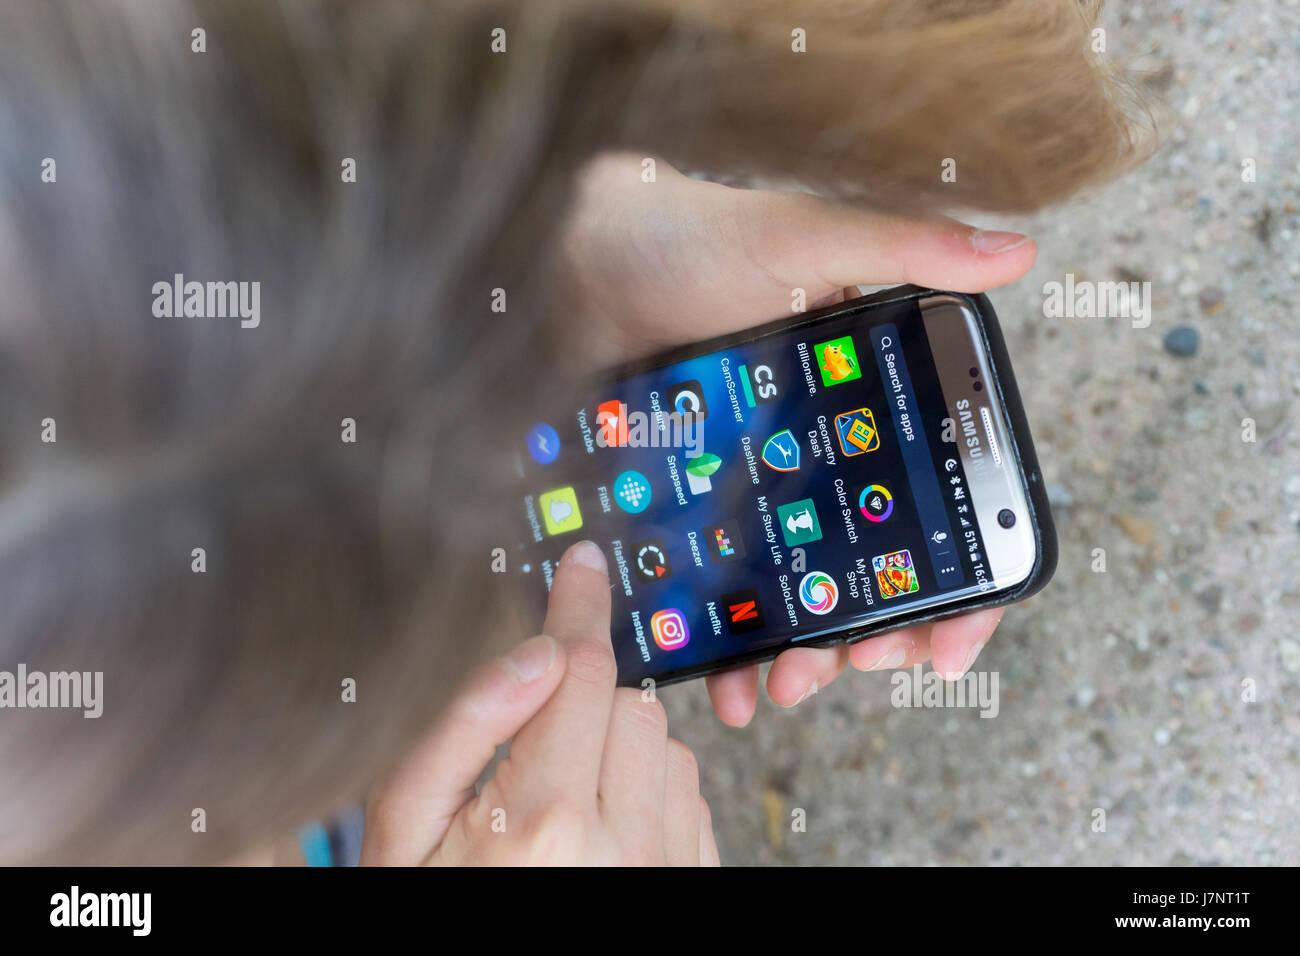 Une fille à l'aide d'écran tactile téléphone mobile / smartphone apps Photo Stock